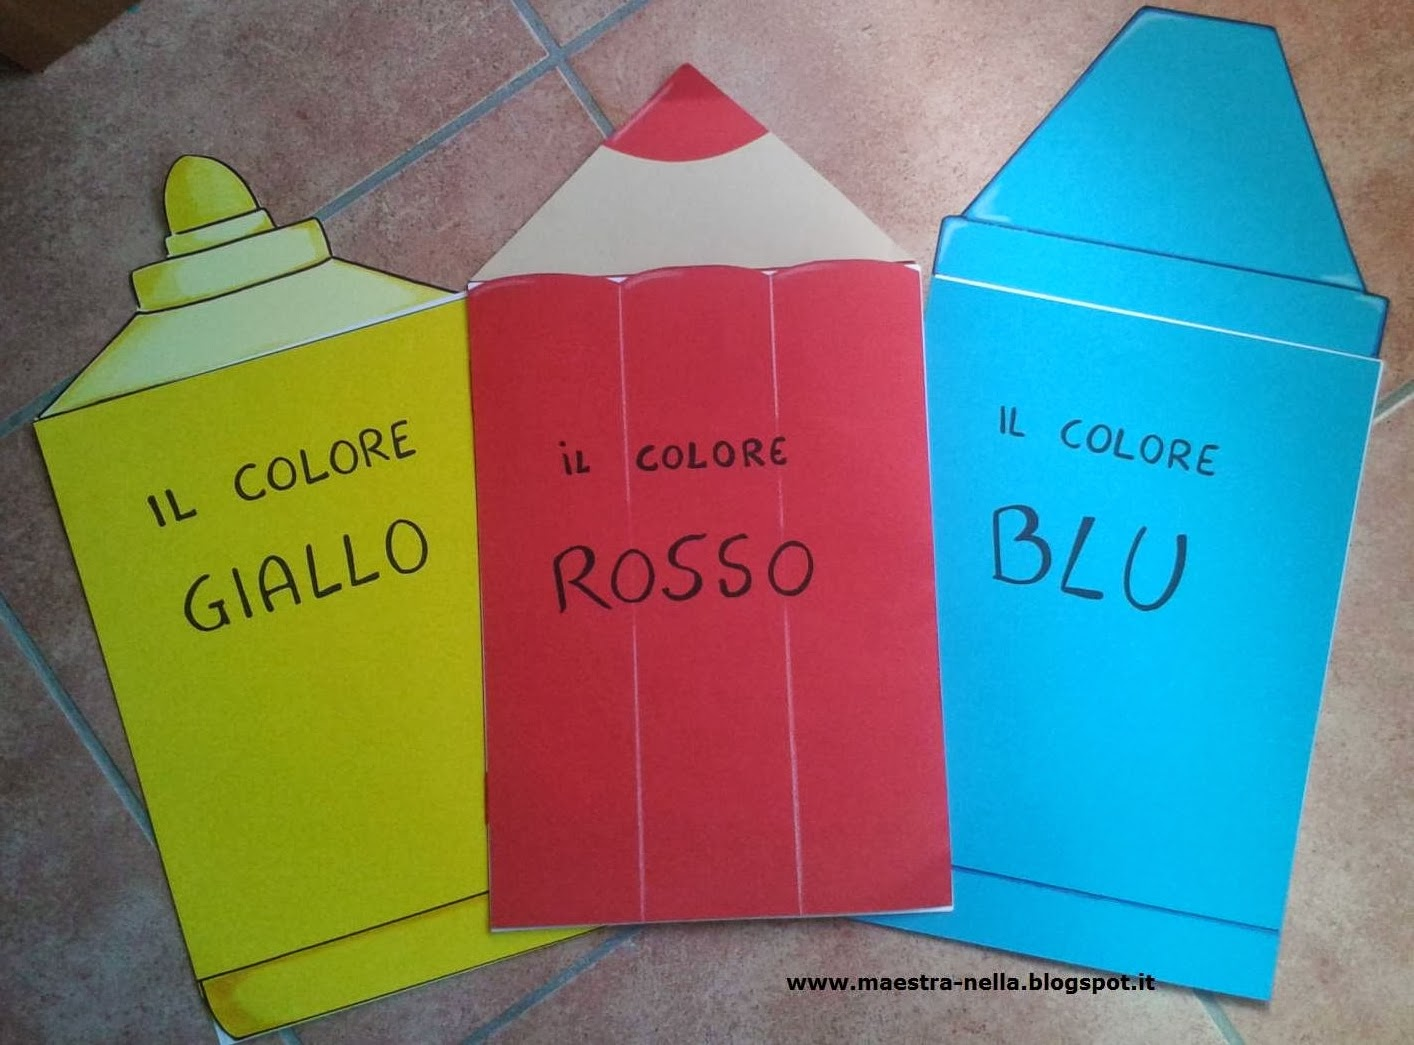 Connu La Scatola Dei Colori (Antonia Gatto)Uda Per Una Sezione  KU26